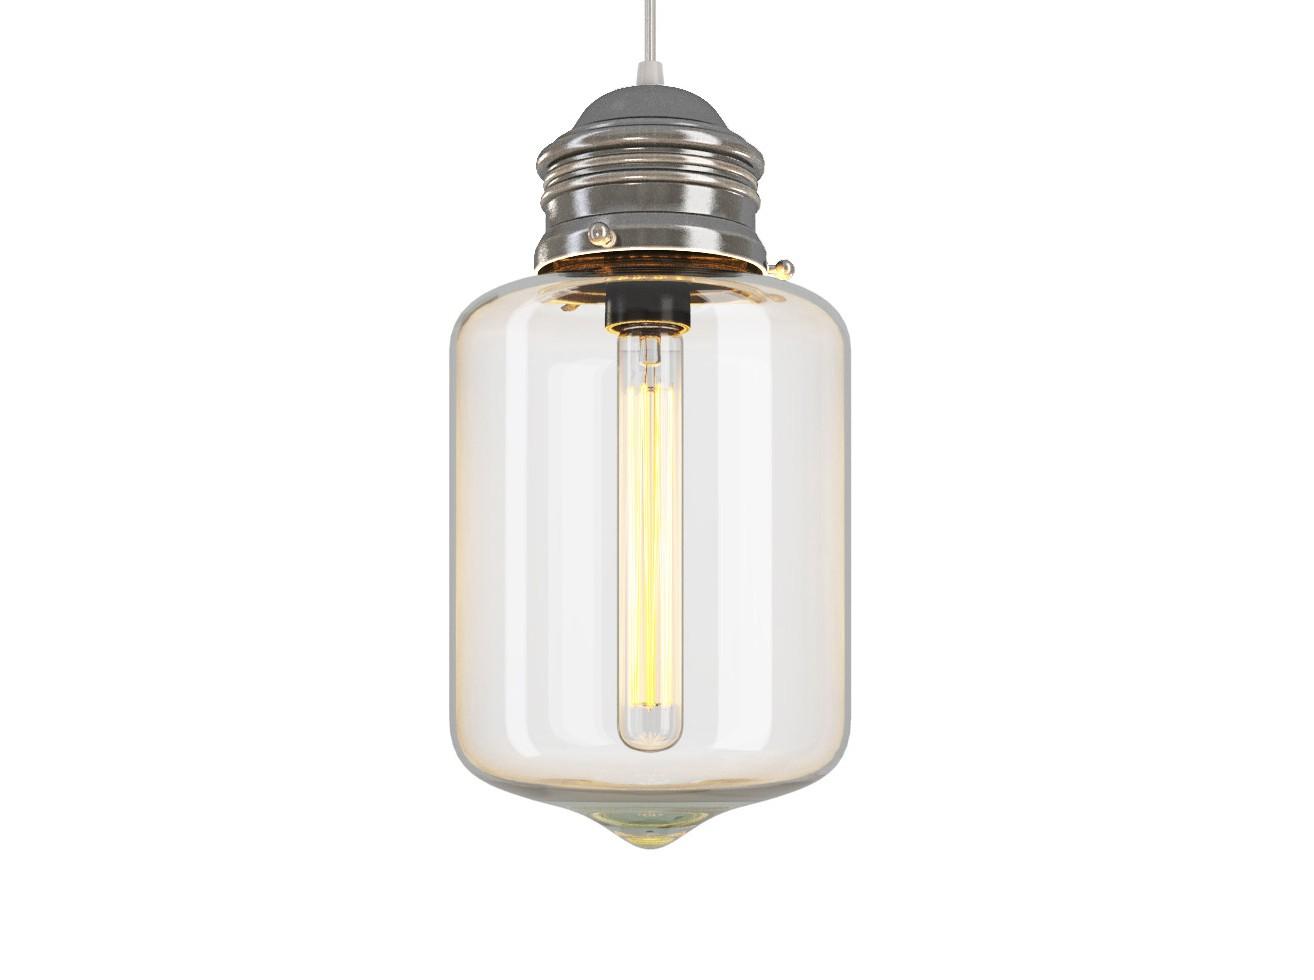 Подвесной светильник Saver ChandelierПодвесные светильники<br>&amp;lt;div&amp;gt;Вид цоколя: Е27&amp;lt;/div&amp;gt;&amp;lt;div&amp;gt;Мощность лампы: 60W&amp;lt;/div&amp;gt;&amp;lt;div&amp;gt;Количество ламп: 1&amp;lt;/div&amp;gt;&amp;lt;div&amp;gt;Наличие ламп: нет&amp;lt;/div&amp;gt;<br><br>Material: Стекло<br>Width см: 17<br>Depth см: 17<br>Height см: 40